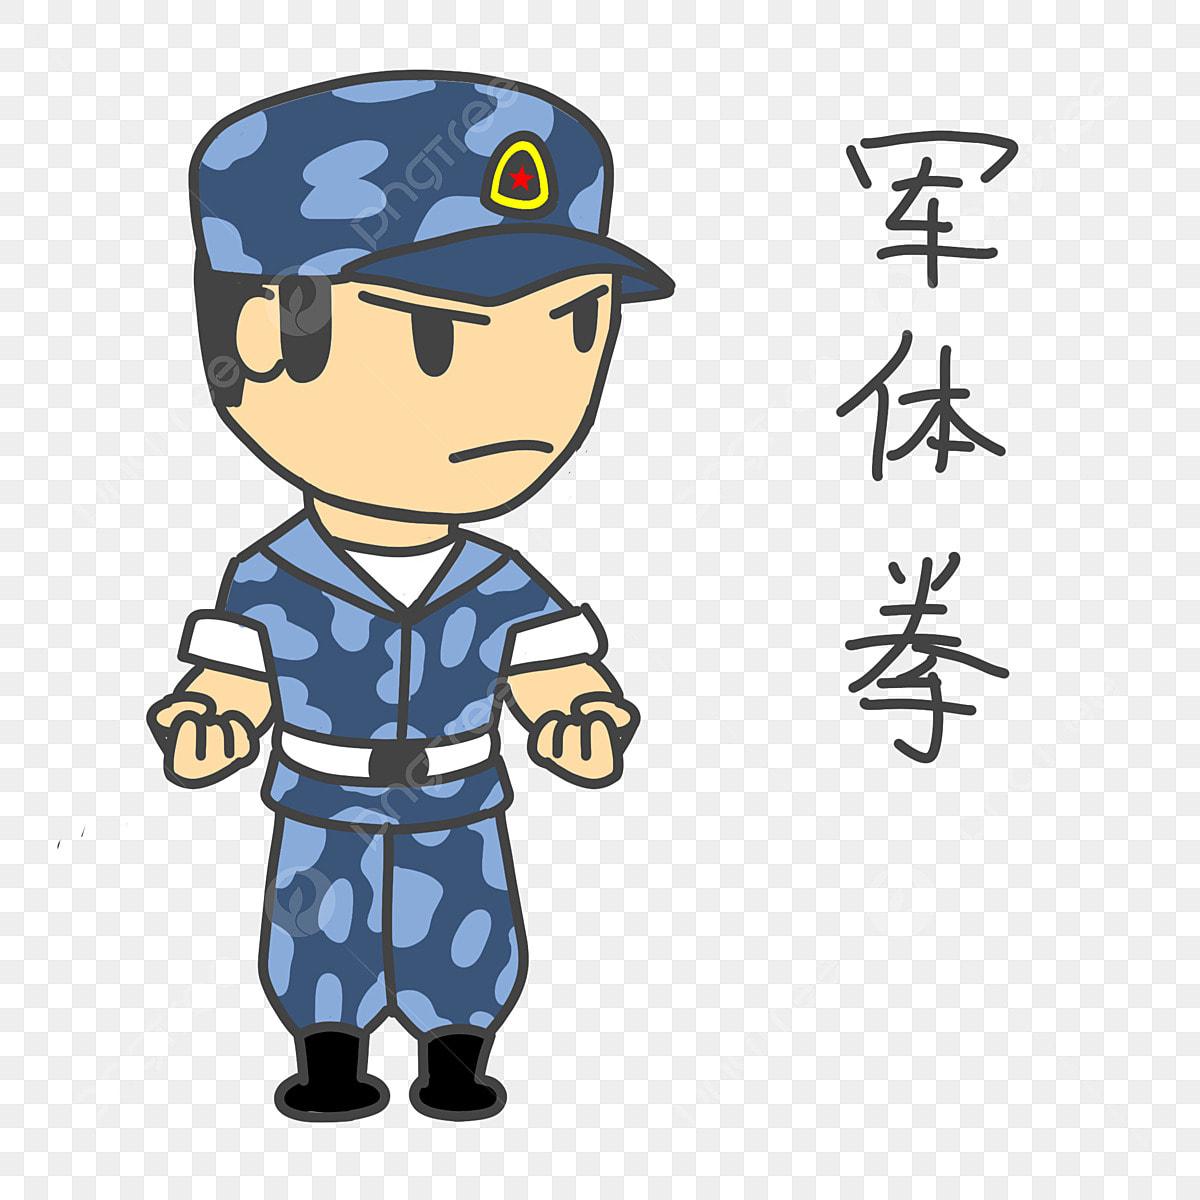 軍事 式 ミリタリーボクシング イラスト 手描き絵文字パックの図 式